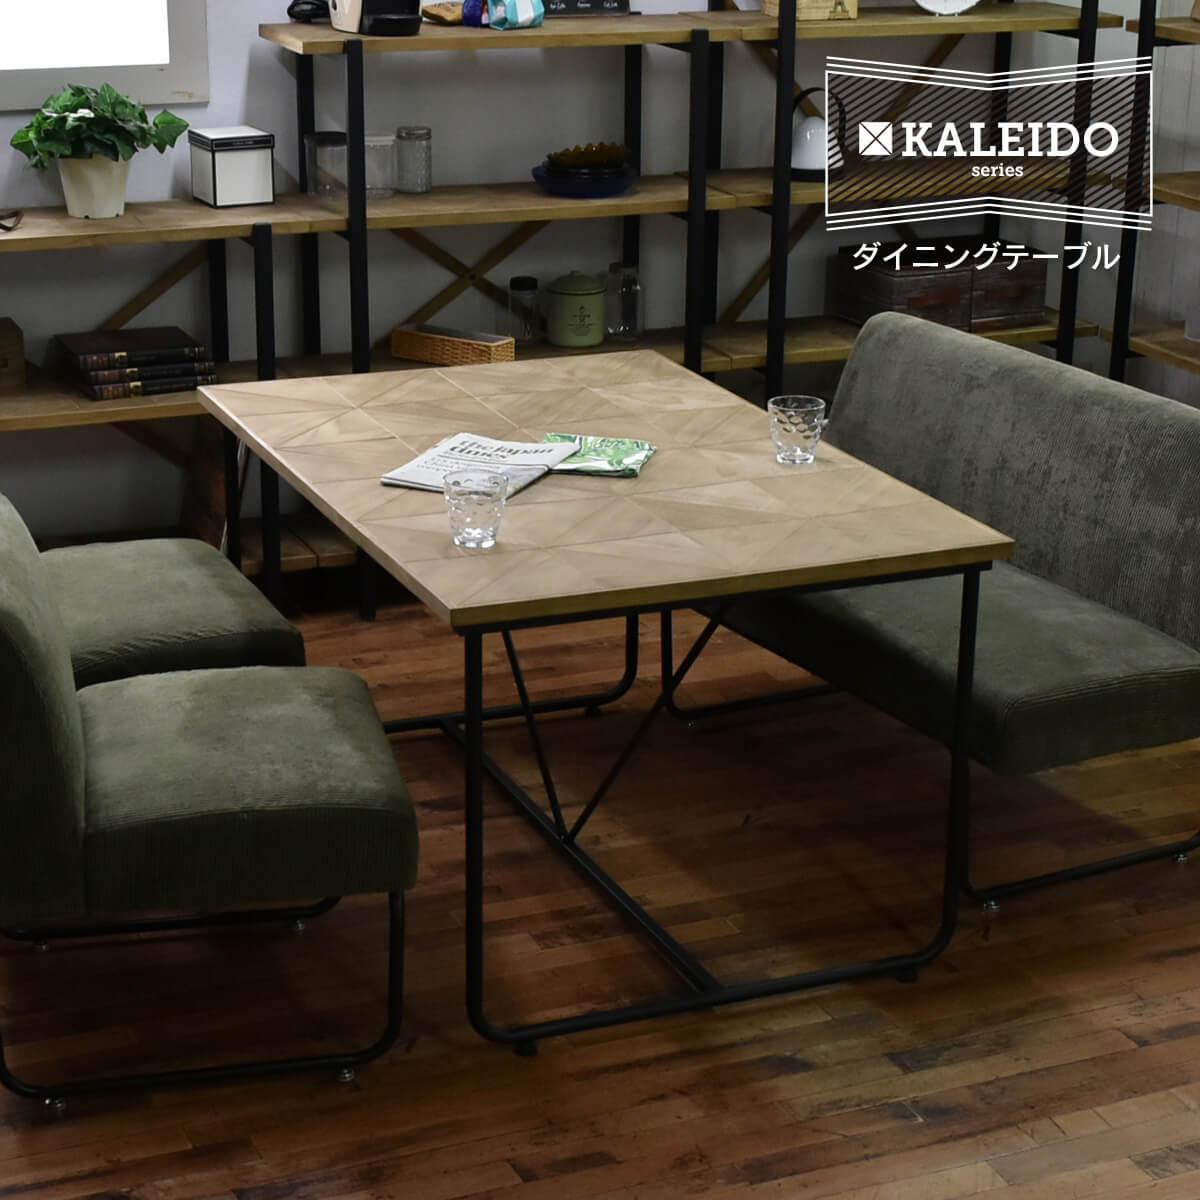 【送料無料】 KALEIDO カレイド ダイニングテーブル 幅123 食卓 4人掛け 木製 天然木 アイアン リビング ダイニング おしゃれ デザイン カフェ KADT-123